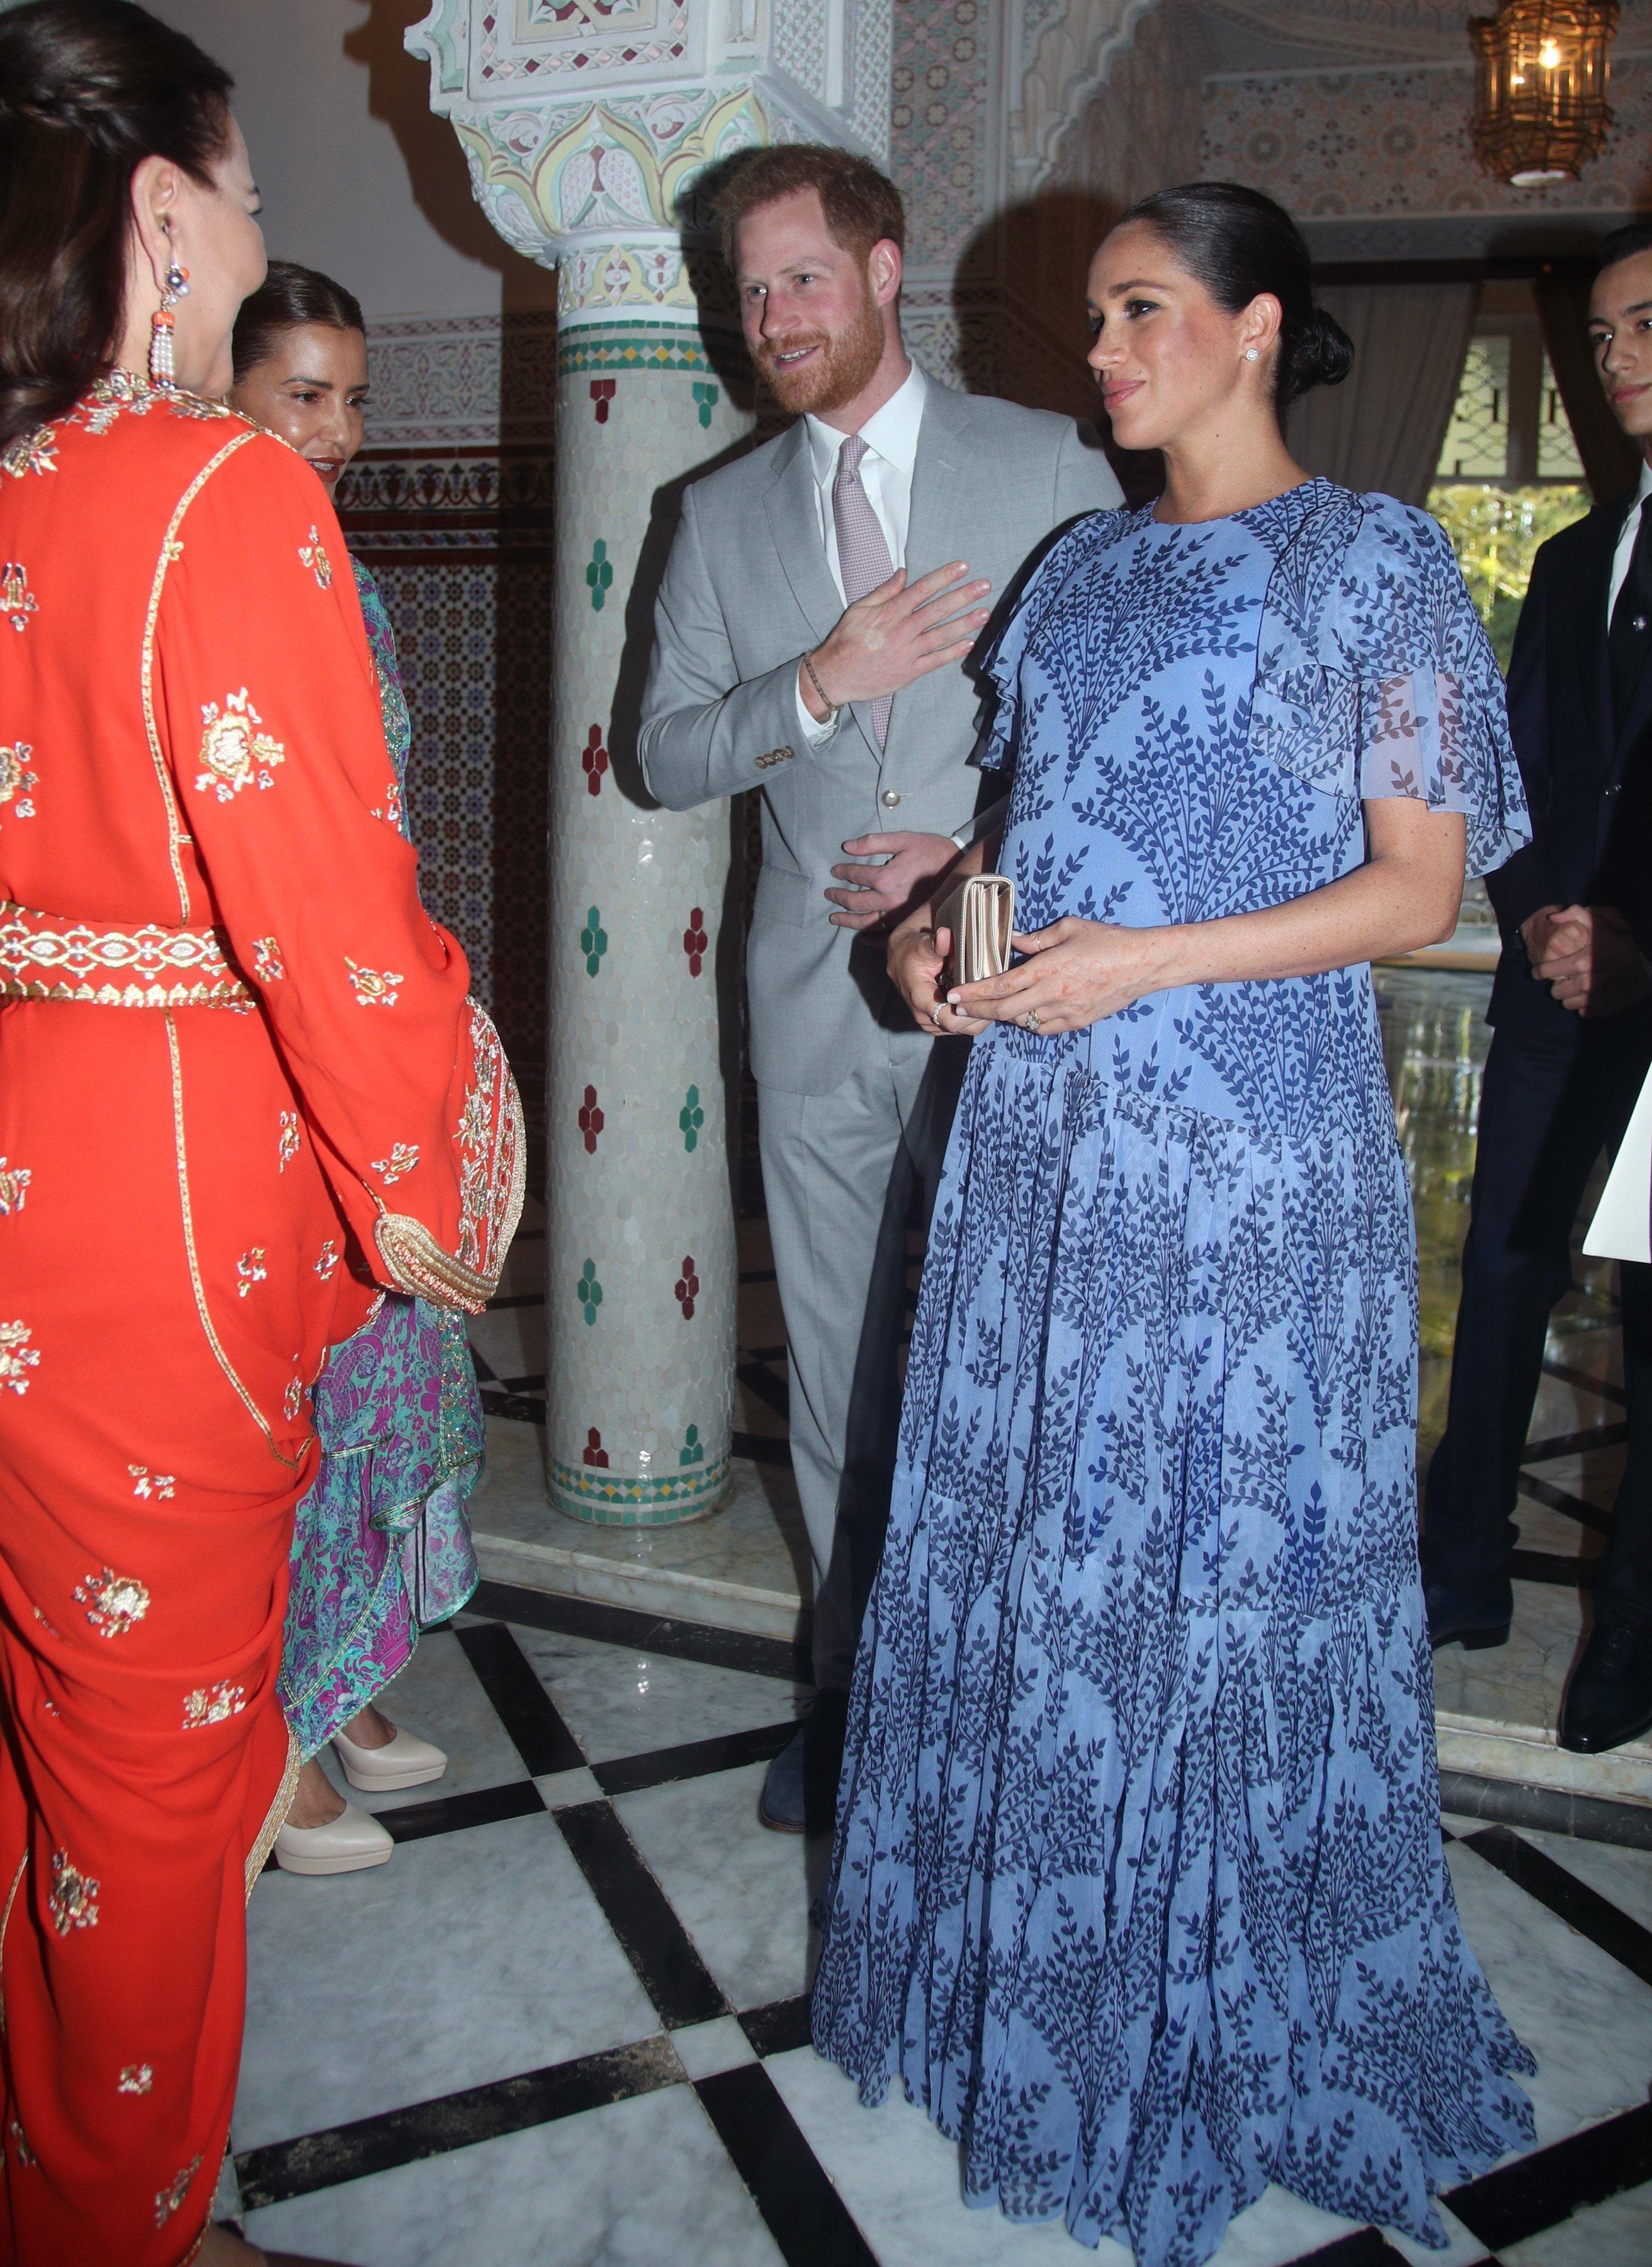 Le Prince Harry et Meghan Markle à Rabat, Maroc en février 2019 | Photo : Getty Images